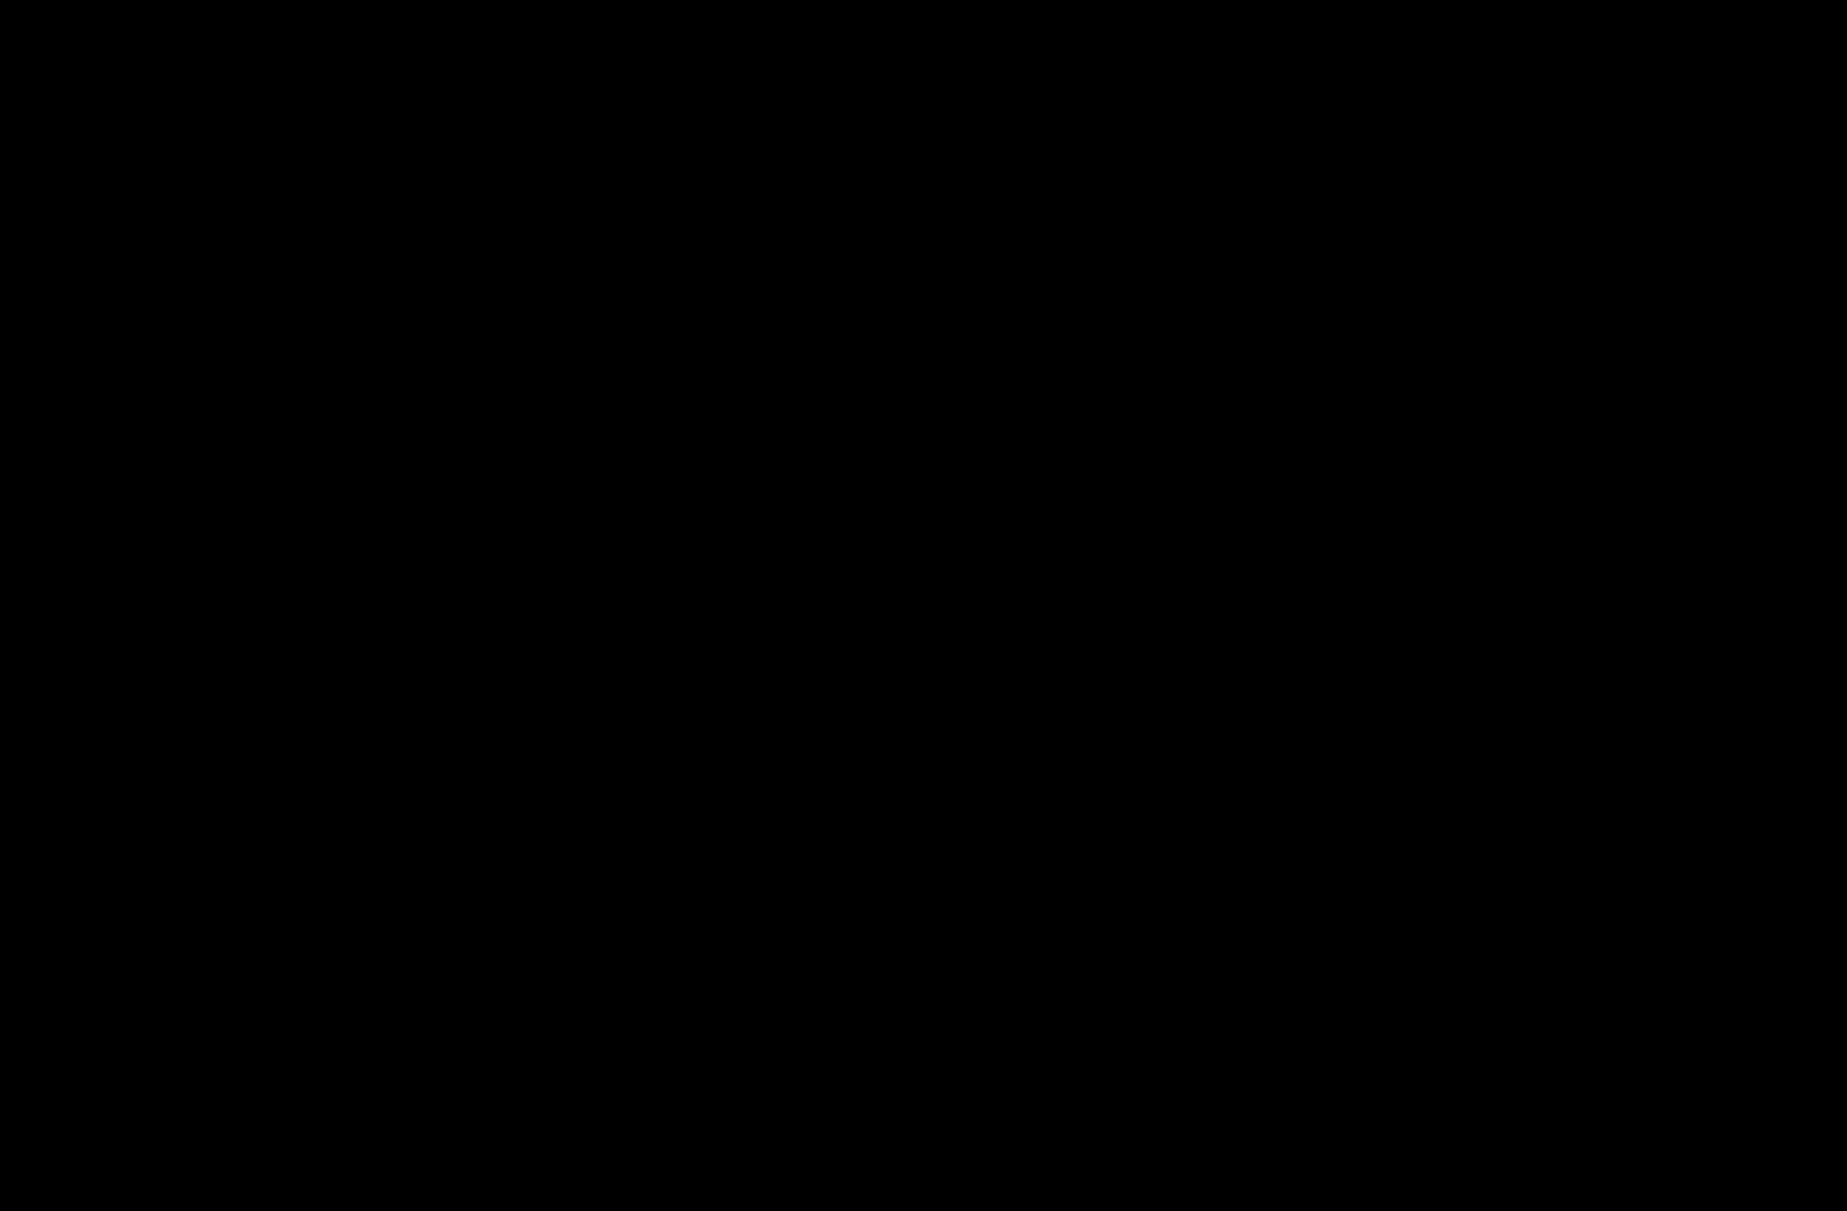 (+)-Catechin-d4